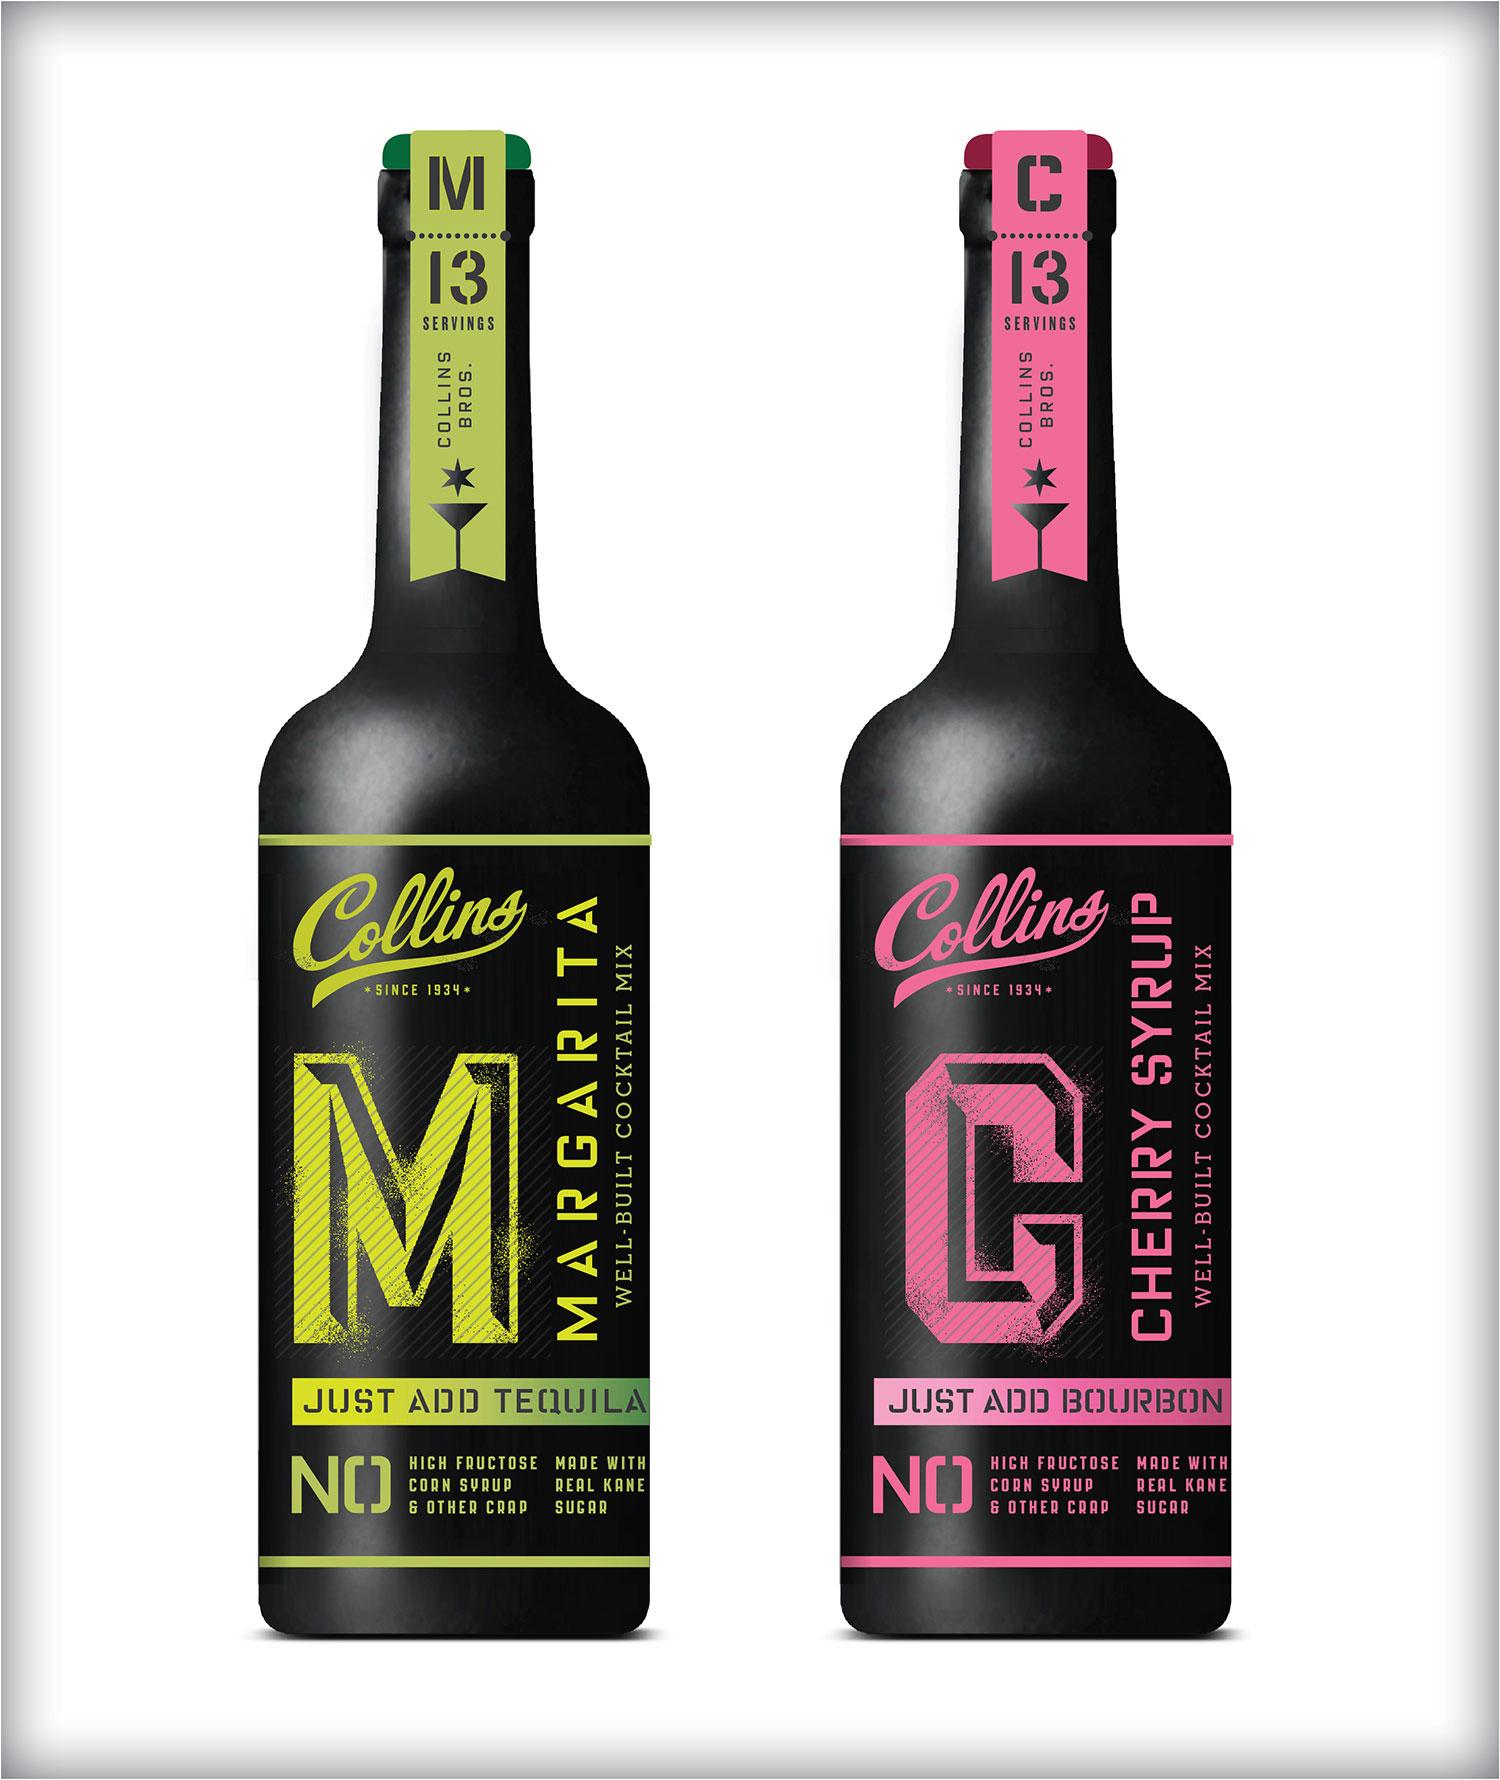 Collins-Rebrand-Packaging-MIXES-Yuri-Shvets-4.jpg